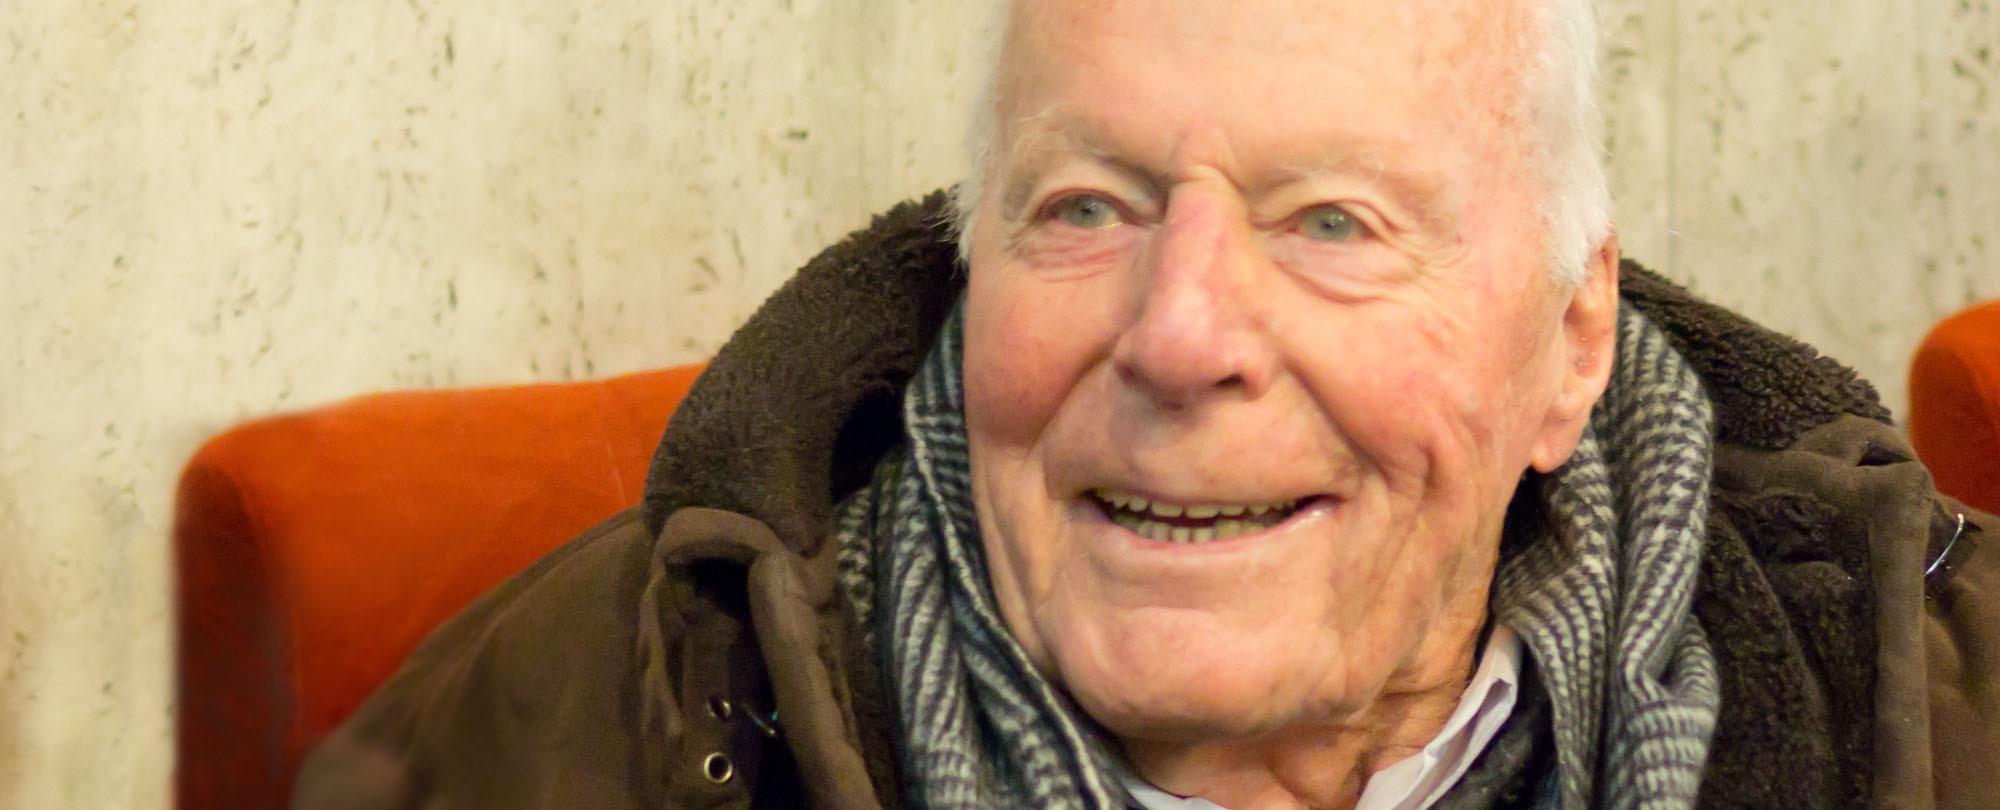 Gottfried Böhm | DLI